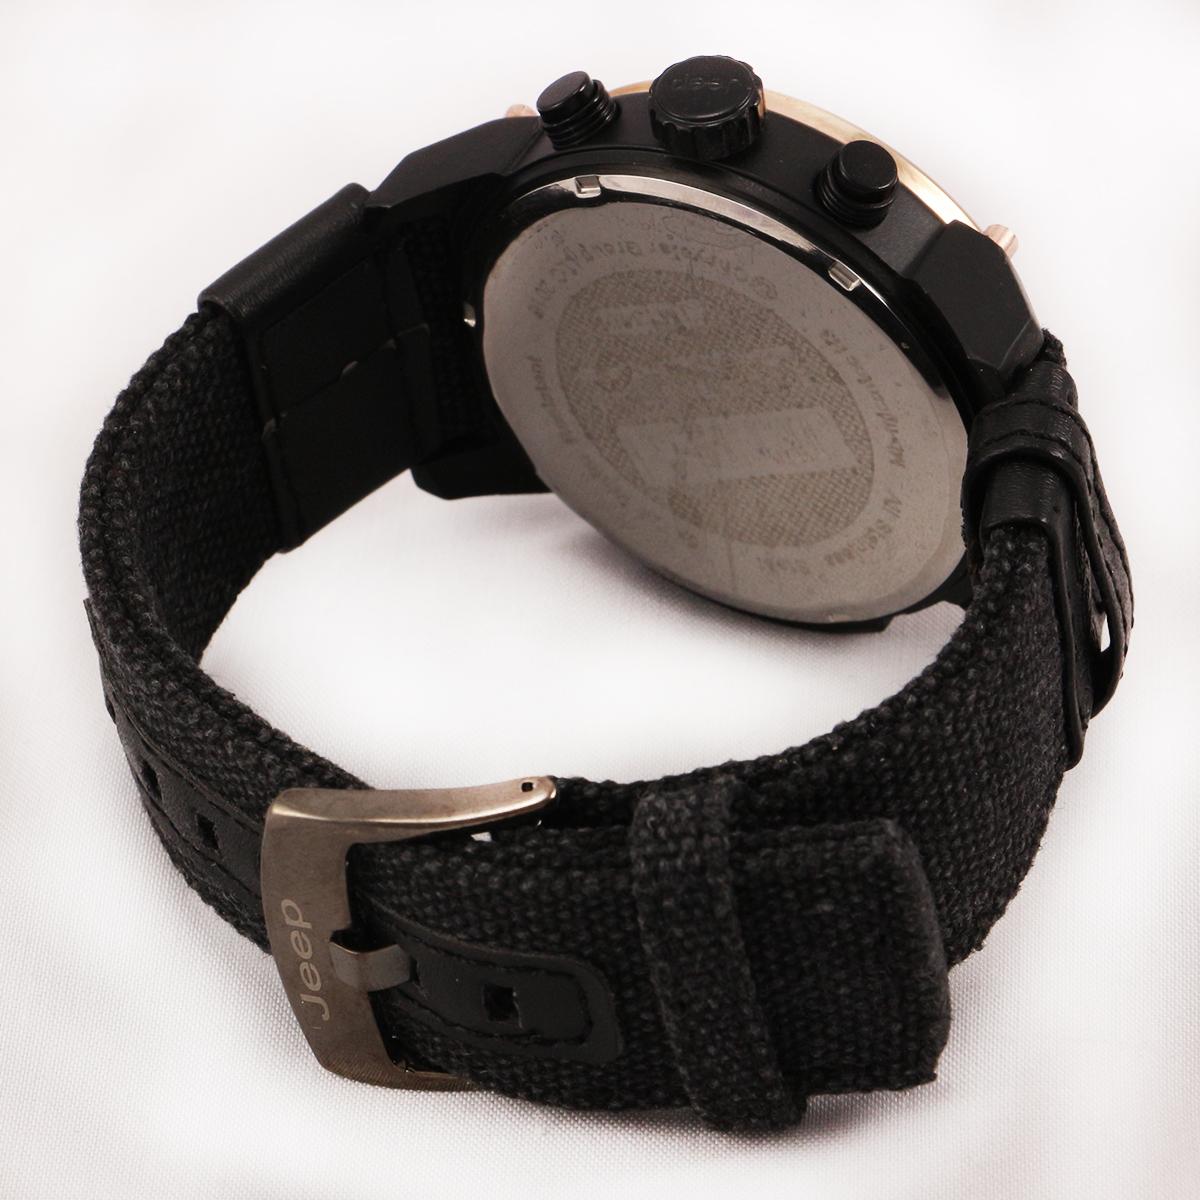 ساعت مچی عقربهای مردانه جیپ مدل tm1340